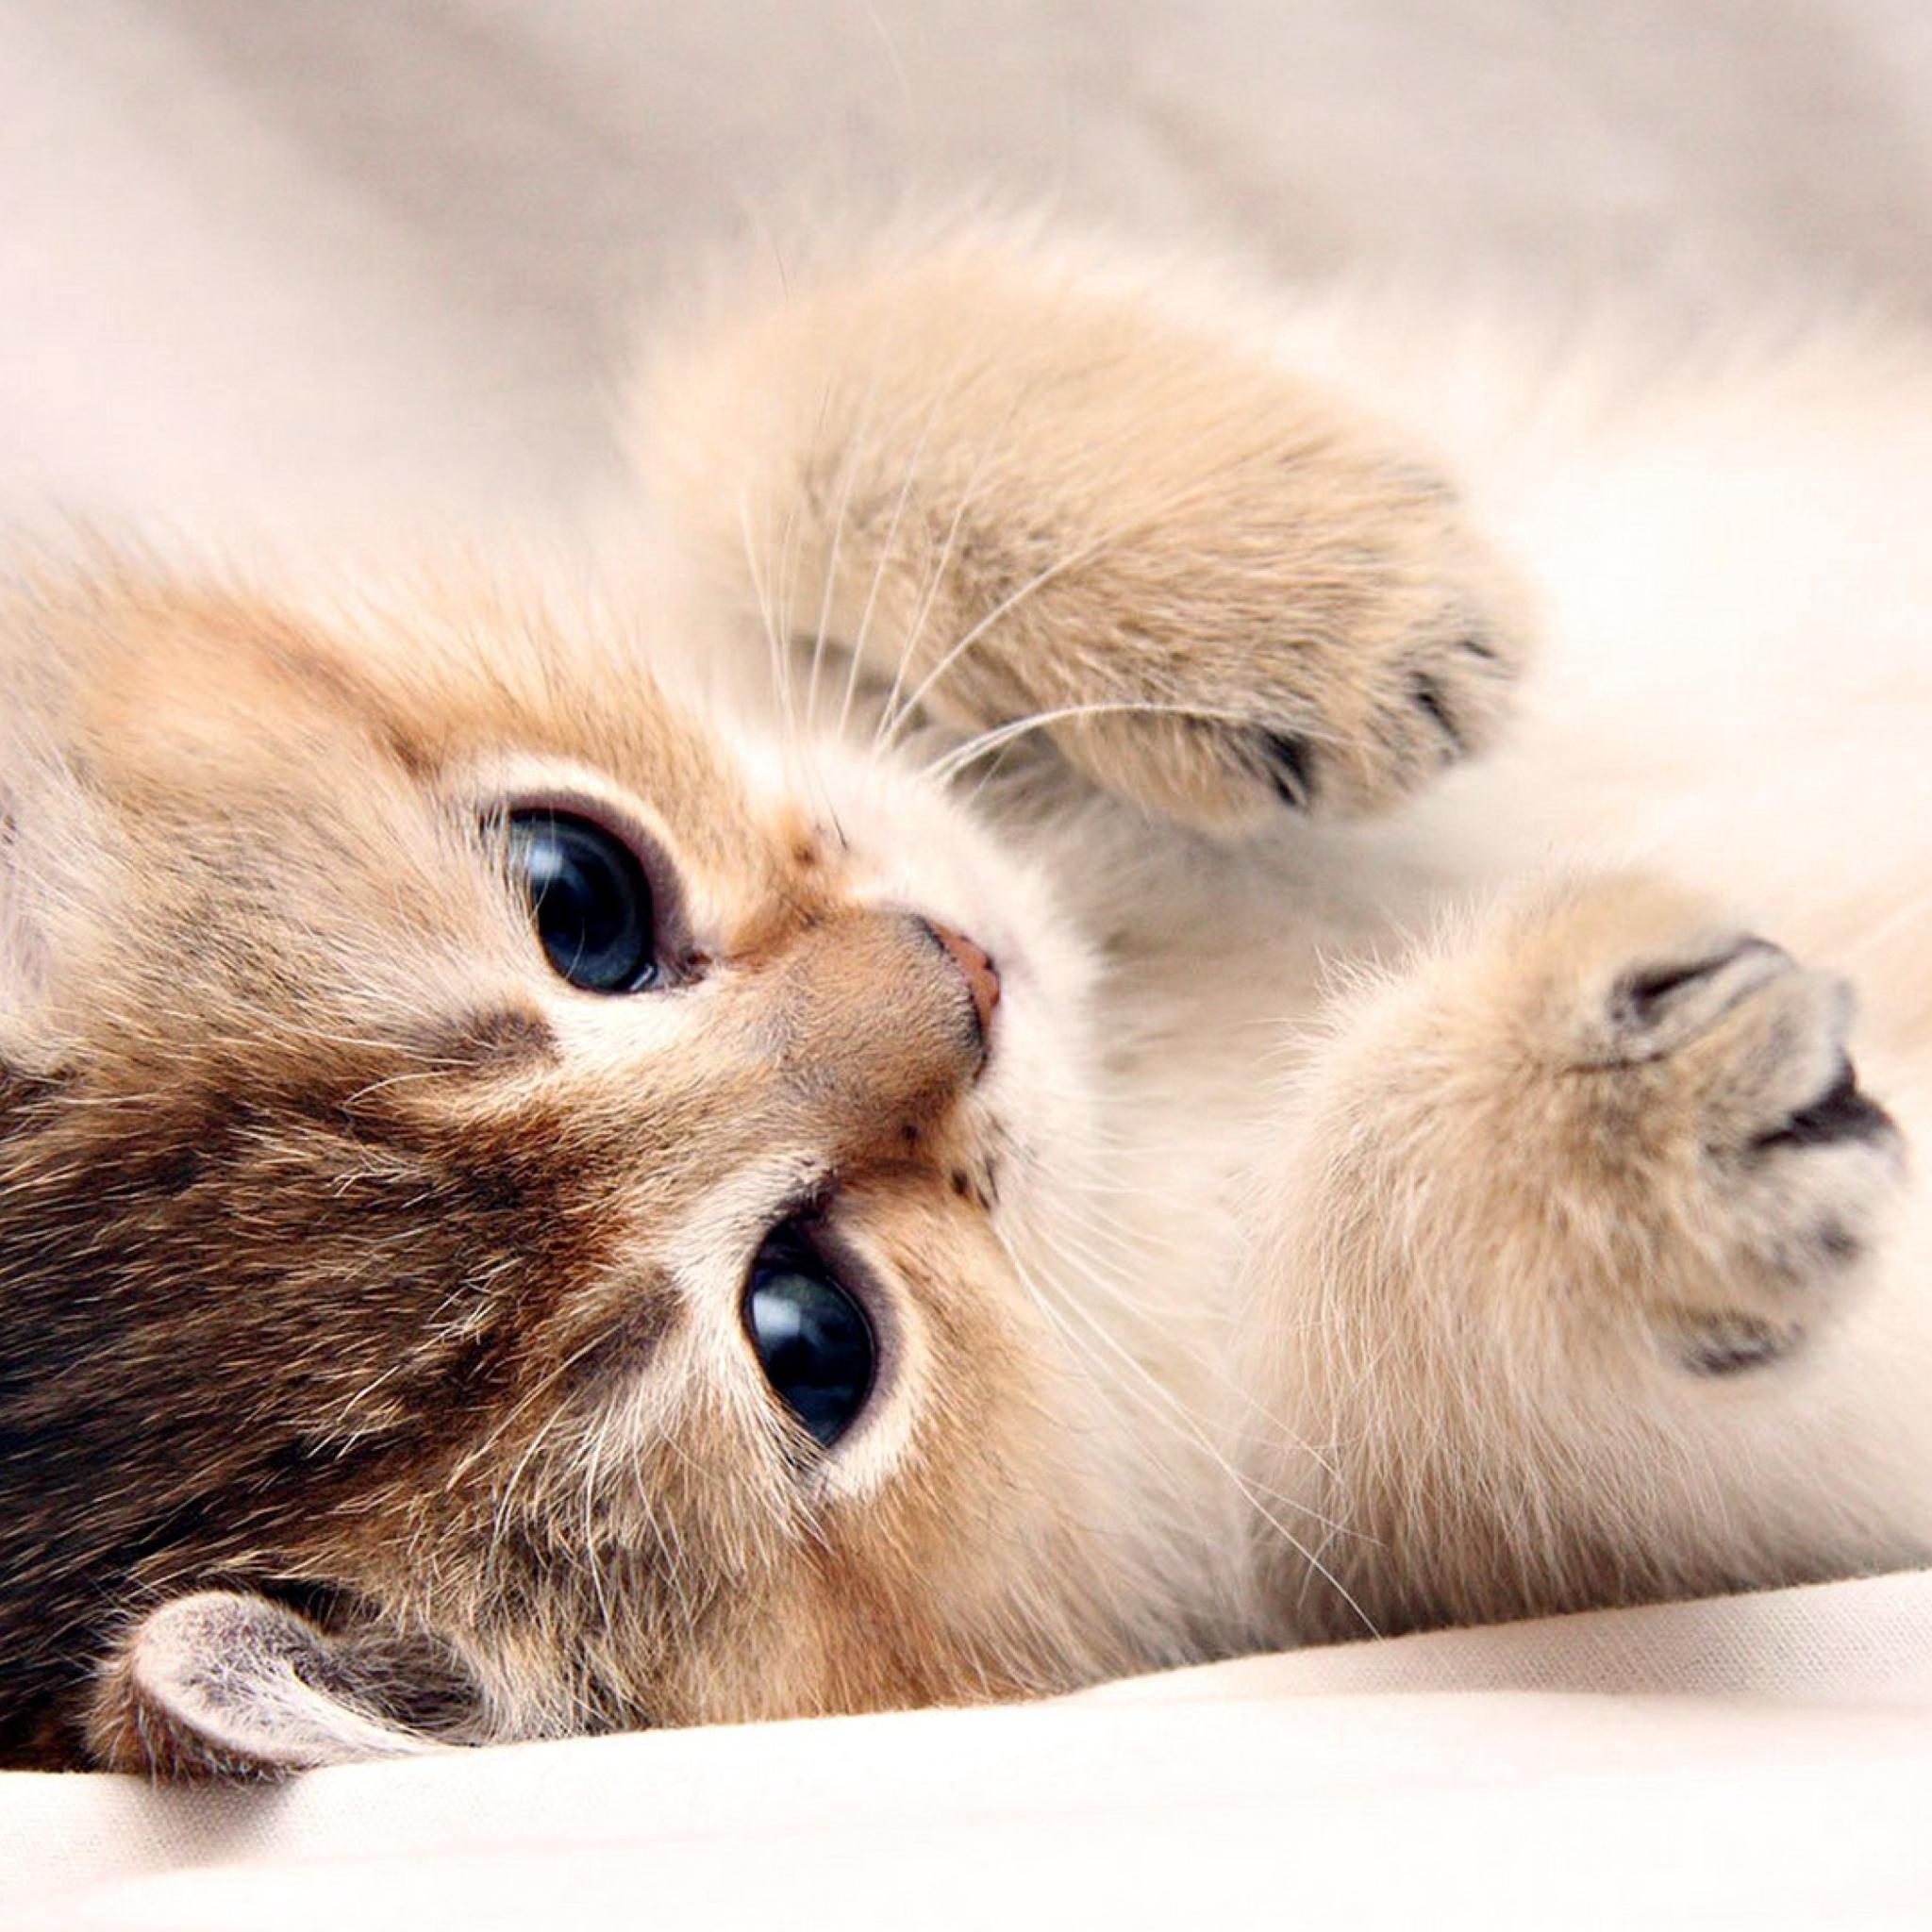 котенок взгляд милый kitten view cute скачать